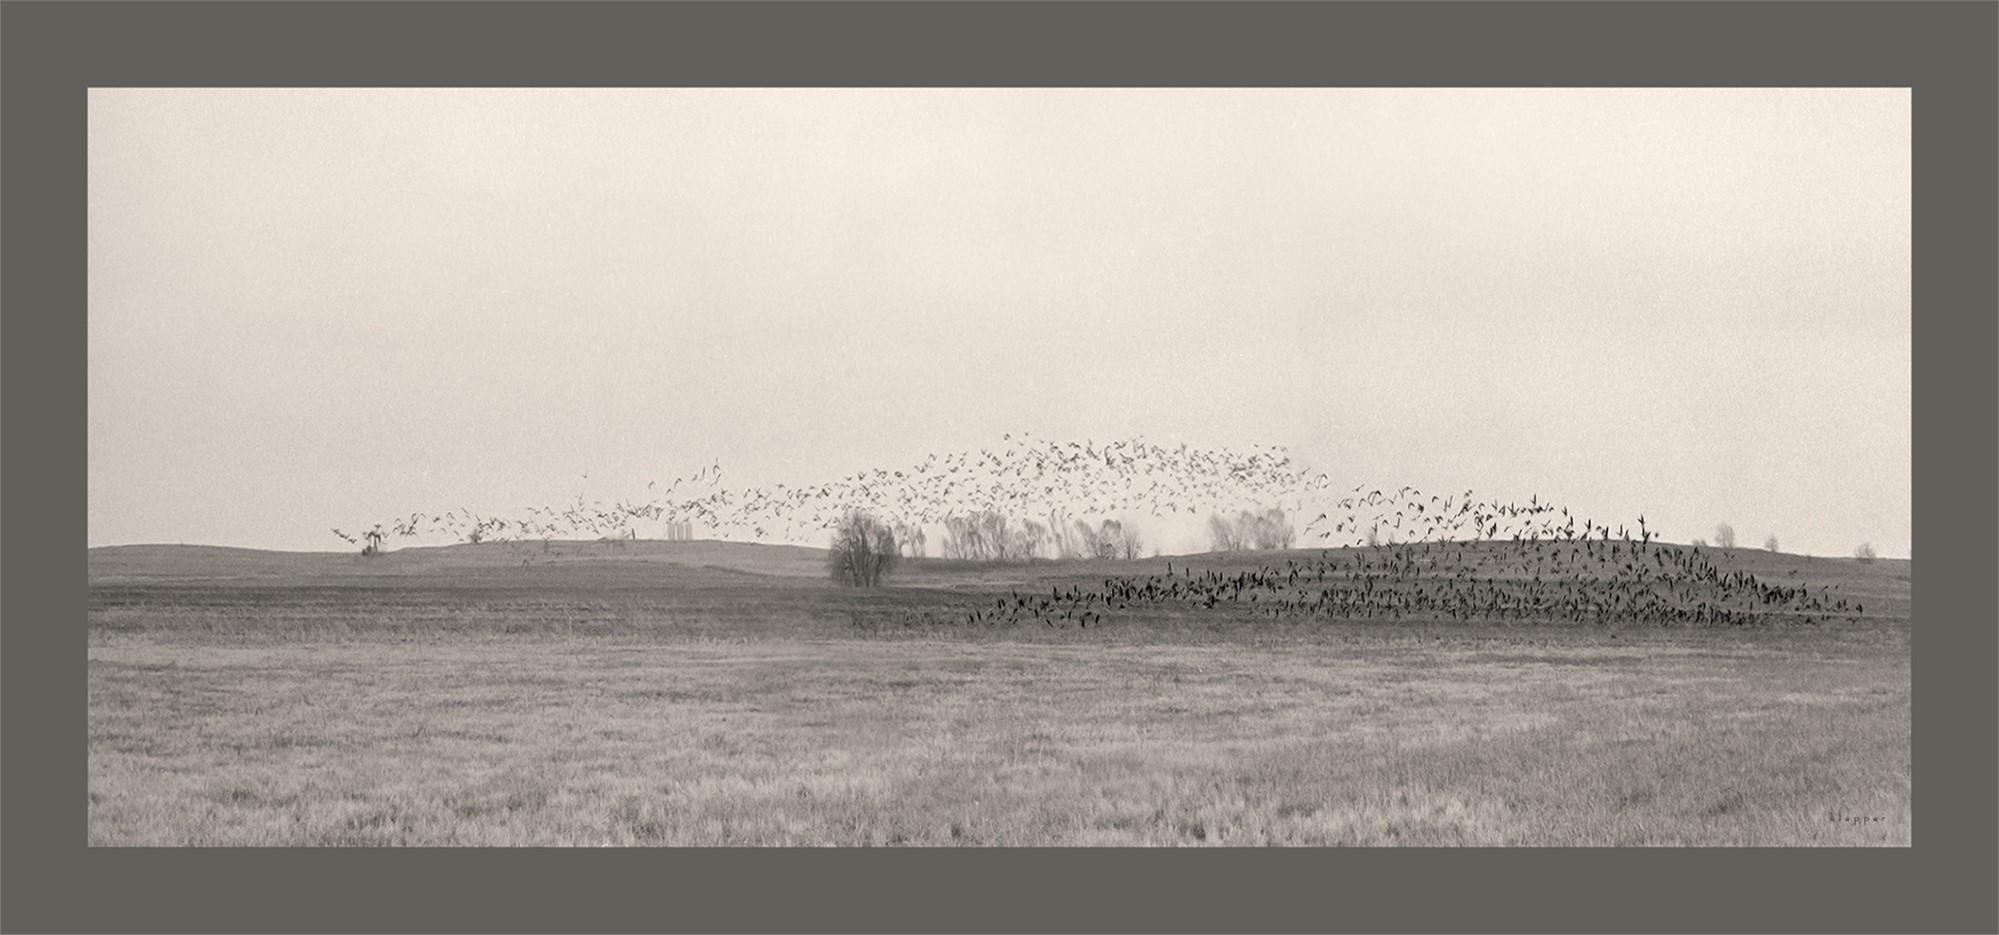 Blackbirds by E. Dan Klepper